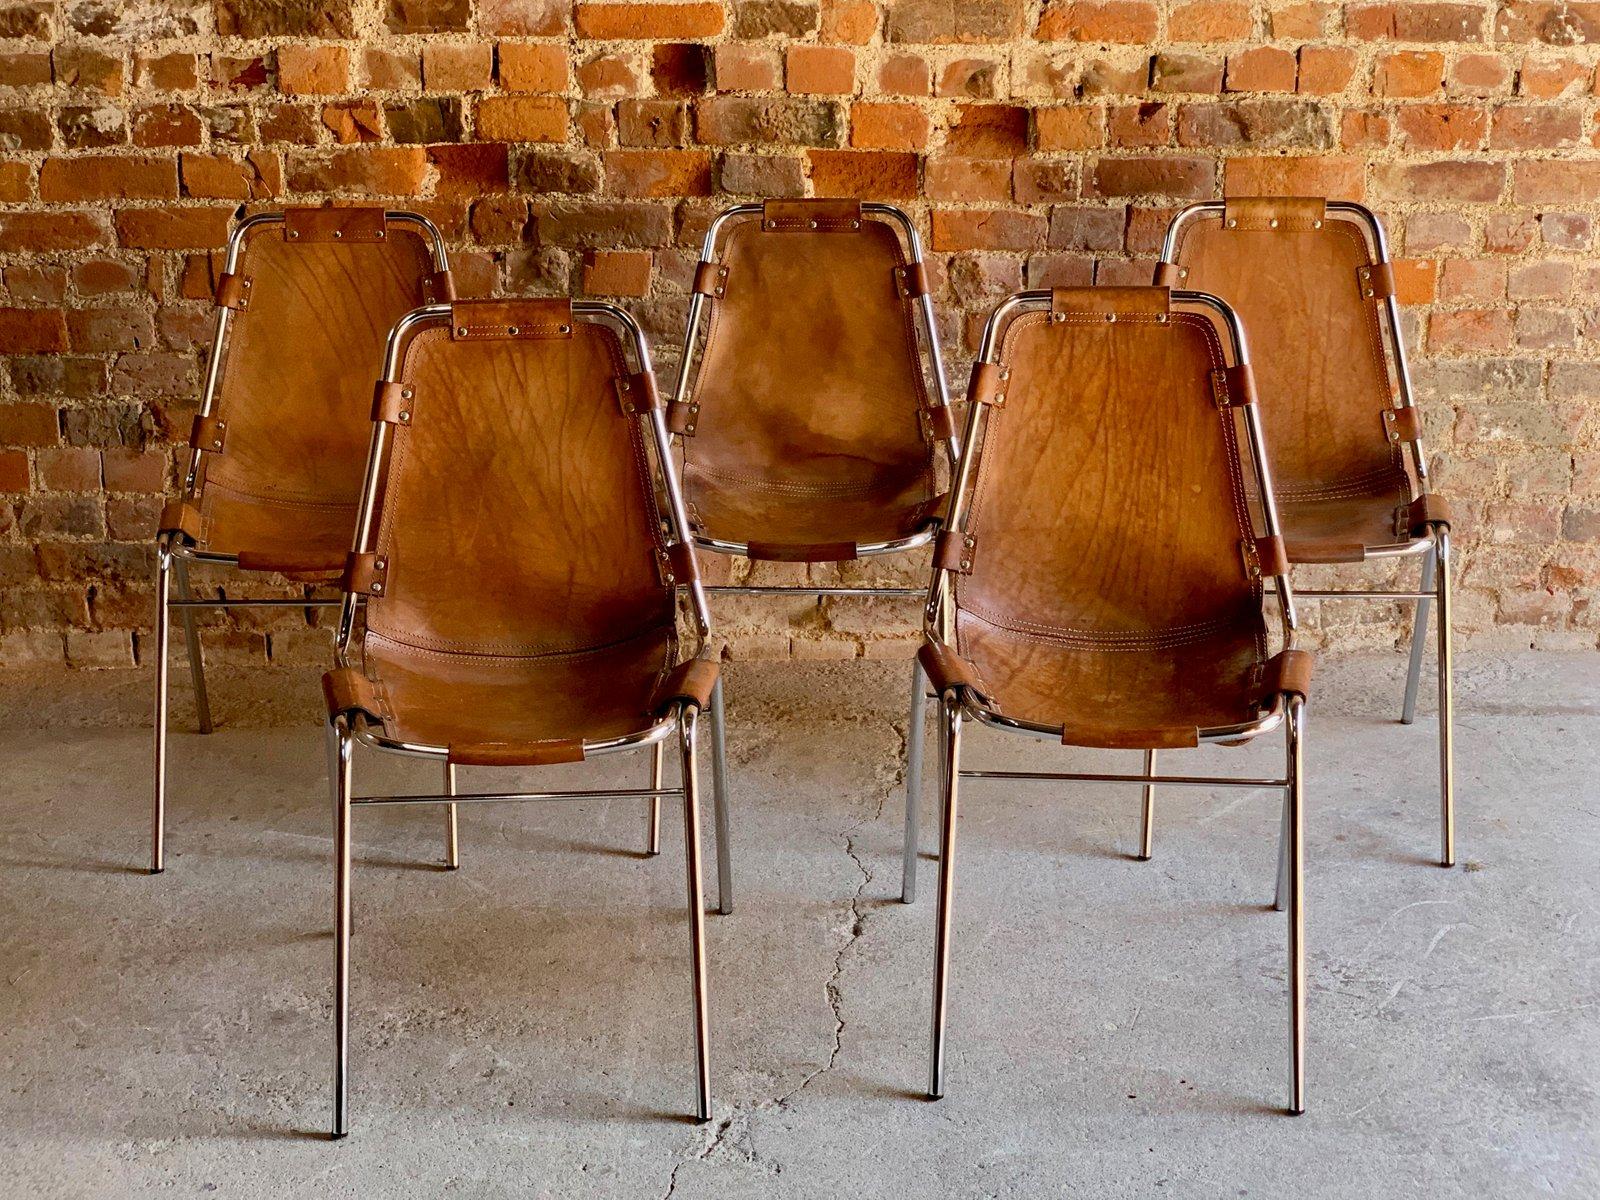 Chaises de salle manger les arcs en cuir par charlotte perriand pour cassina 1970 set de 5 - Salle de bain charlotte perriand ...